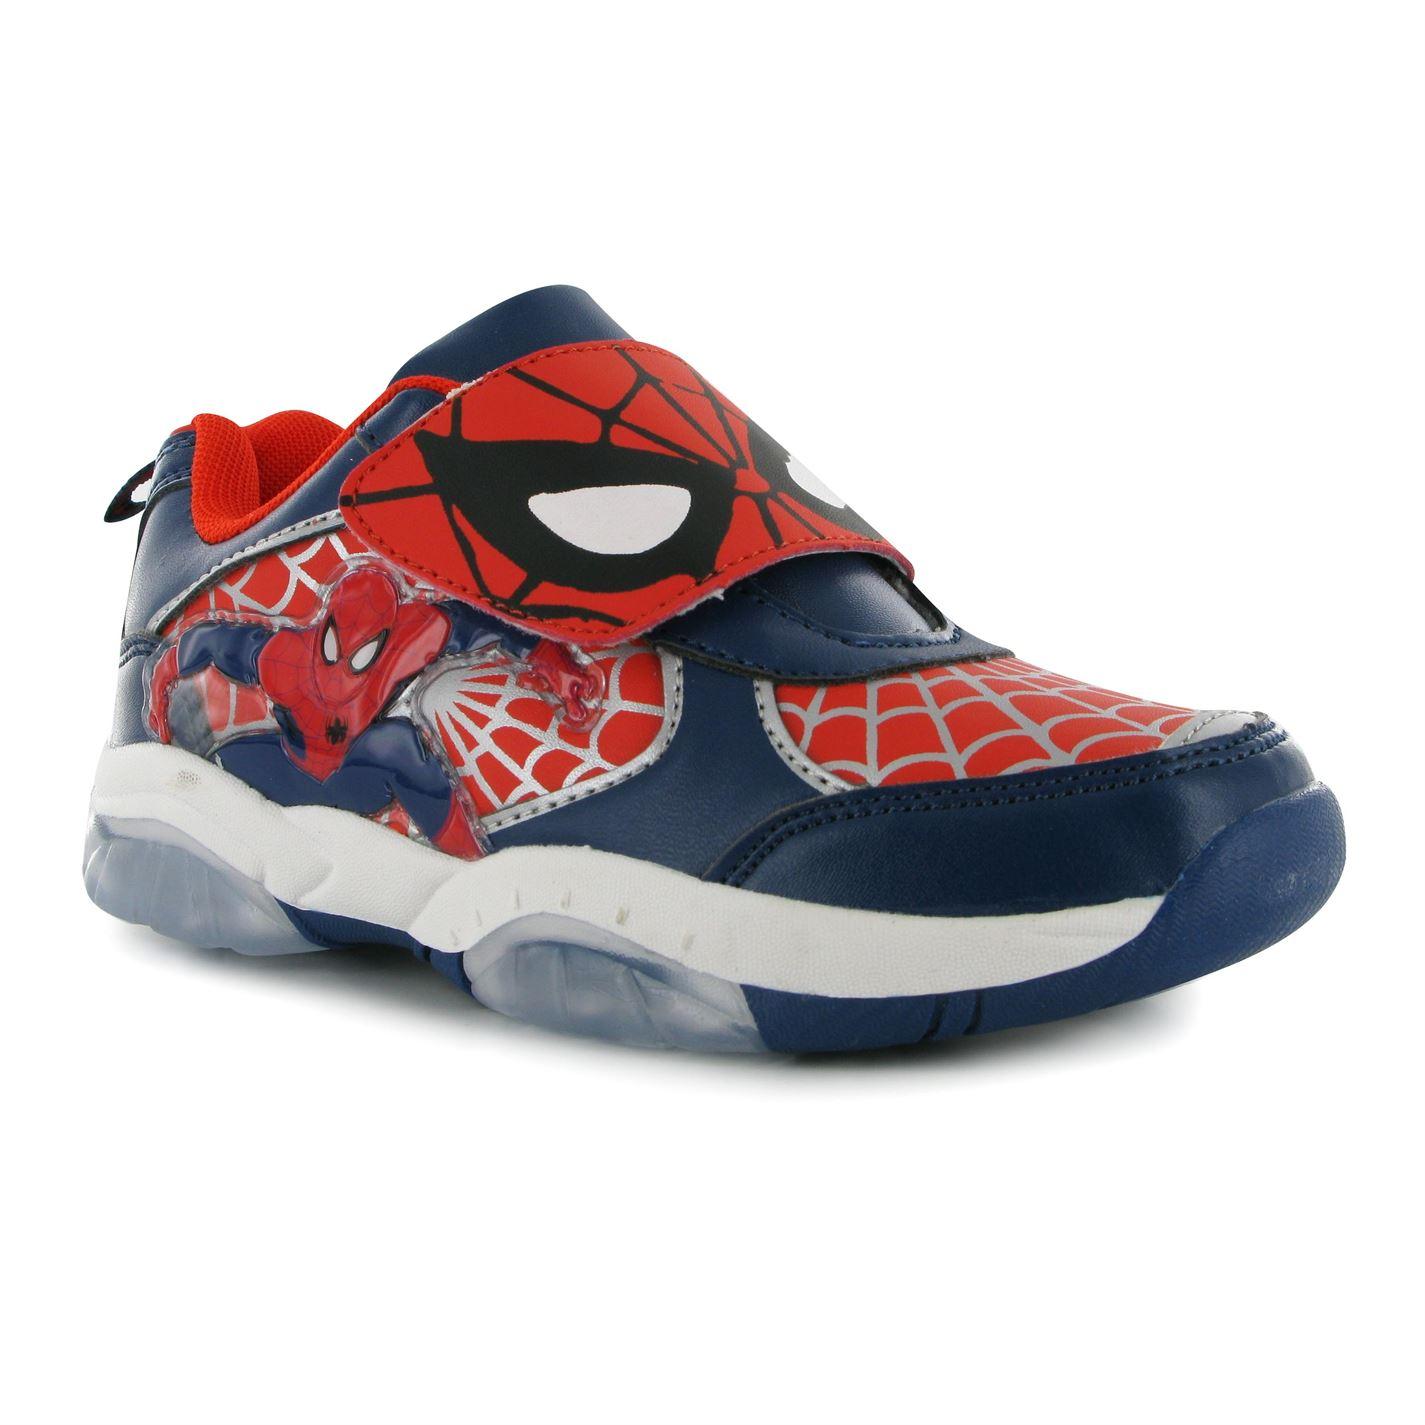 Adidasi Marvel Spiderman Lights Pentru Copii